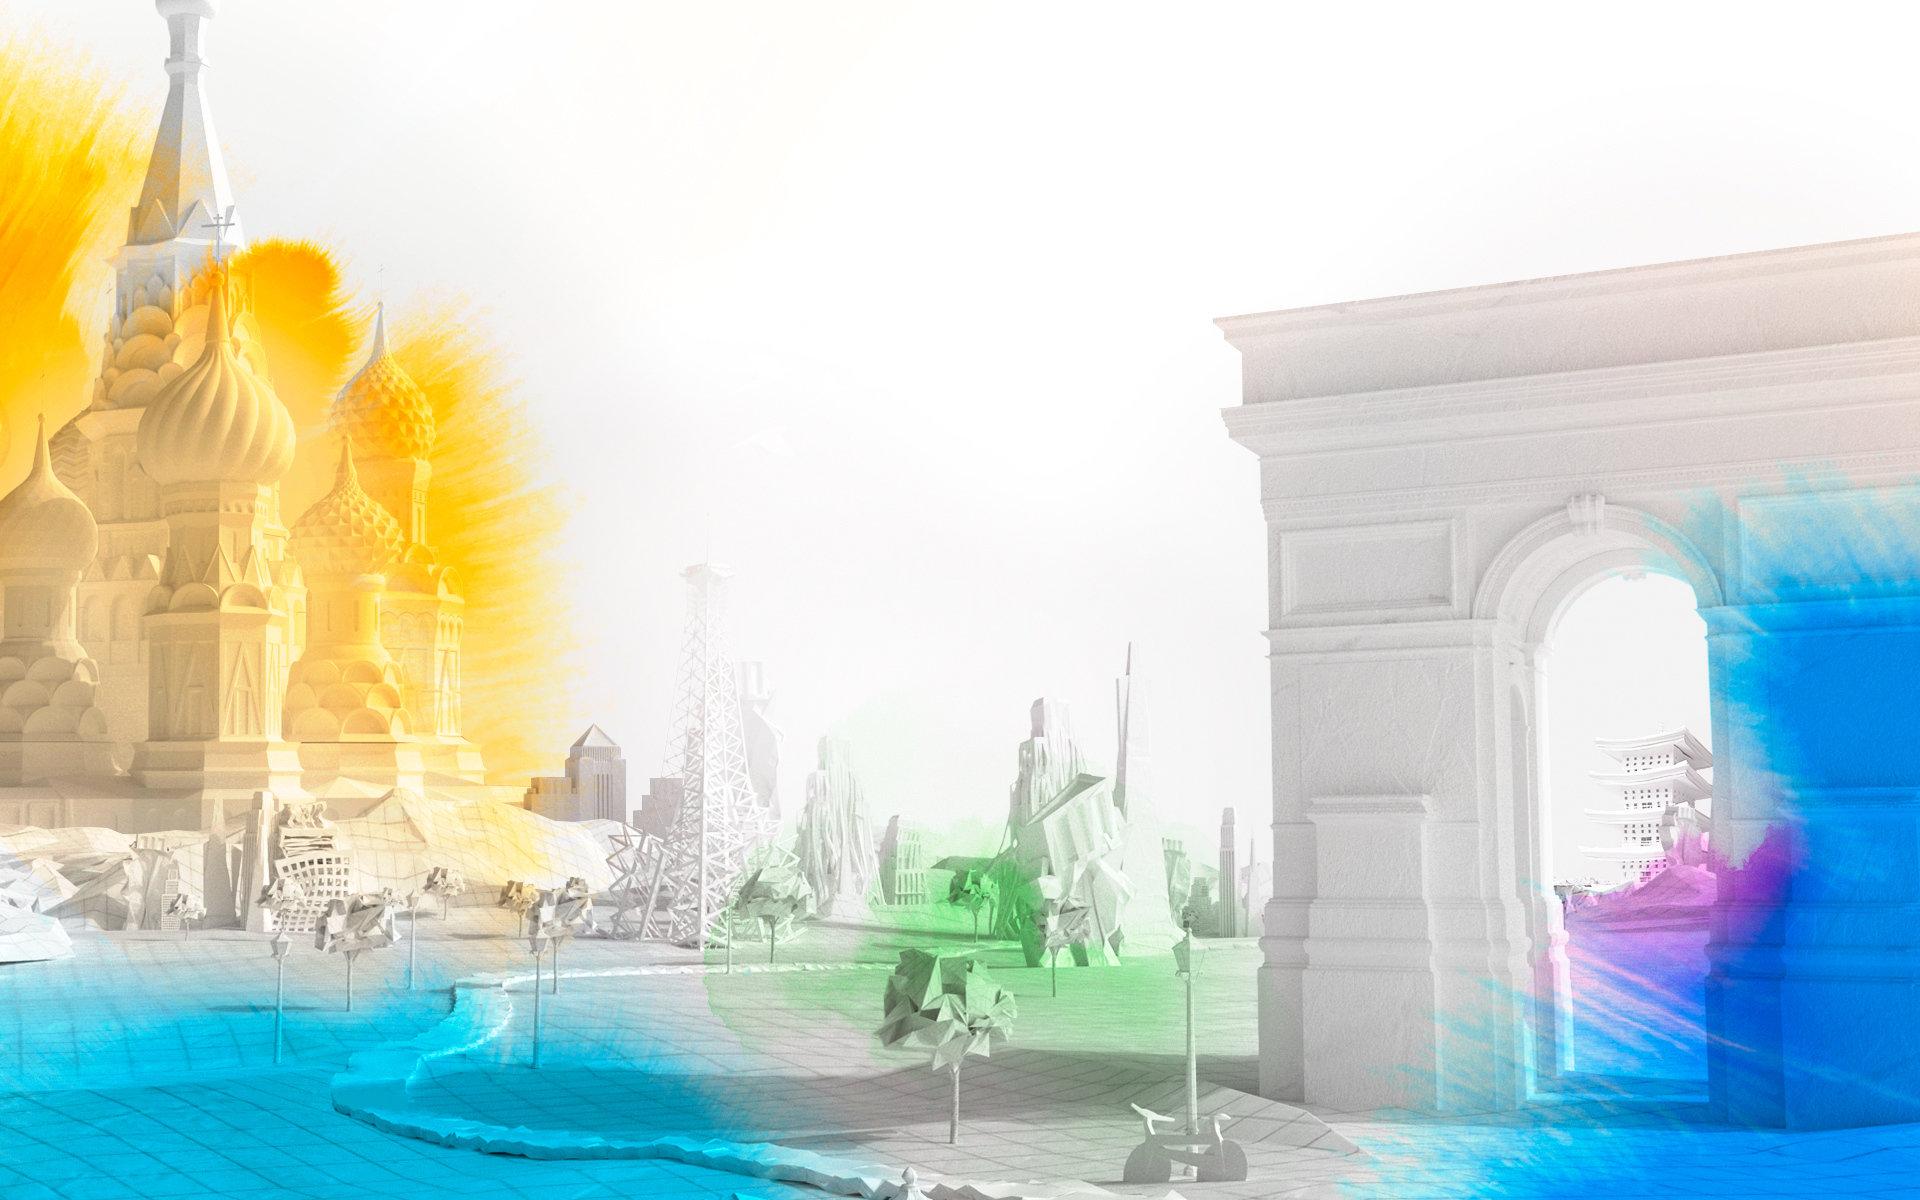 visuella effekter producerades för originalinnehåll